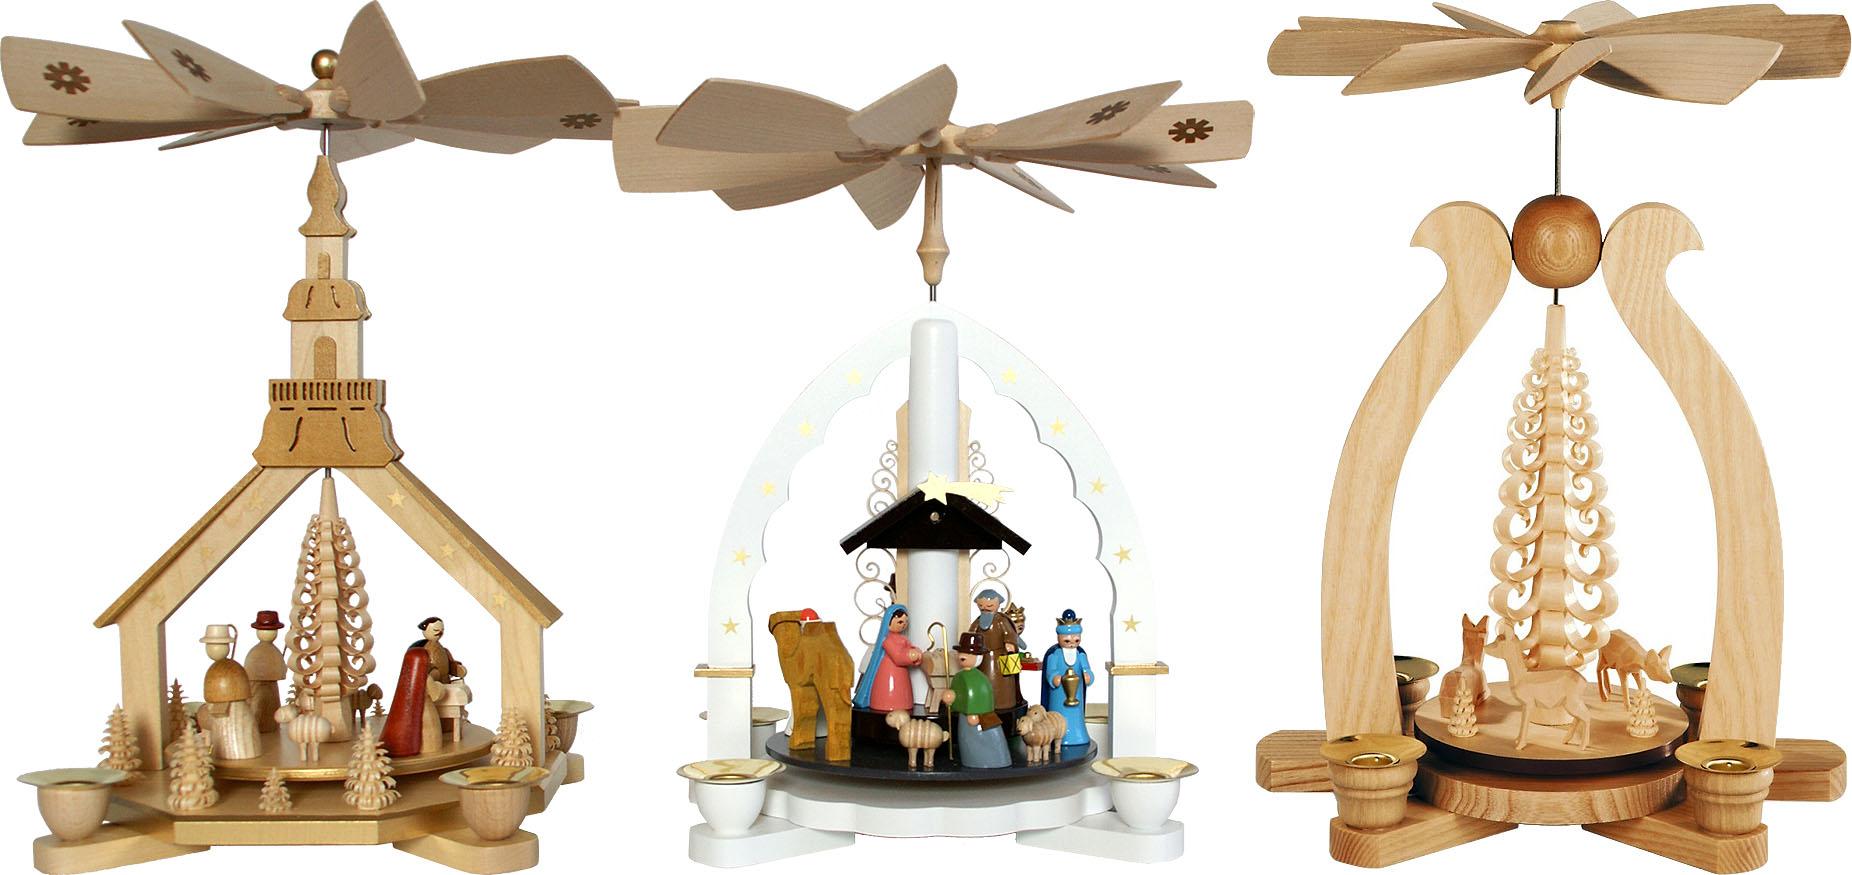 einstöckige Weihnachtspyramiden mit Kerzen 🎄